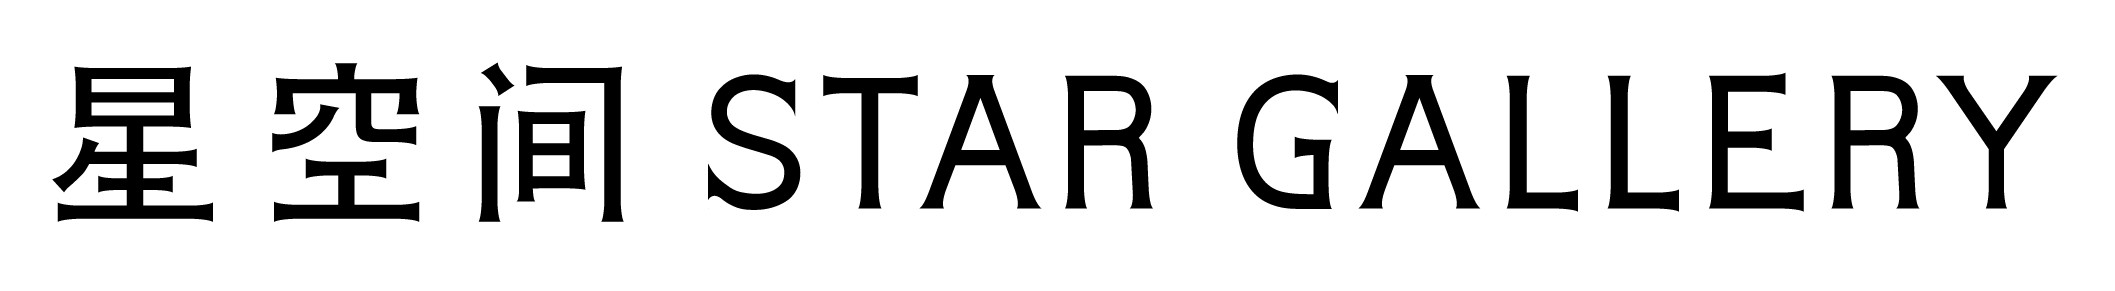 星空间|窥视——王一凡绘画小评 王一凡 绘画 星空间| 能力 外号 和起 天才 技能 文章 小说 崇真艺客